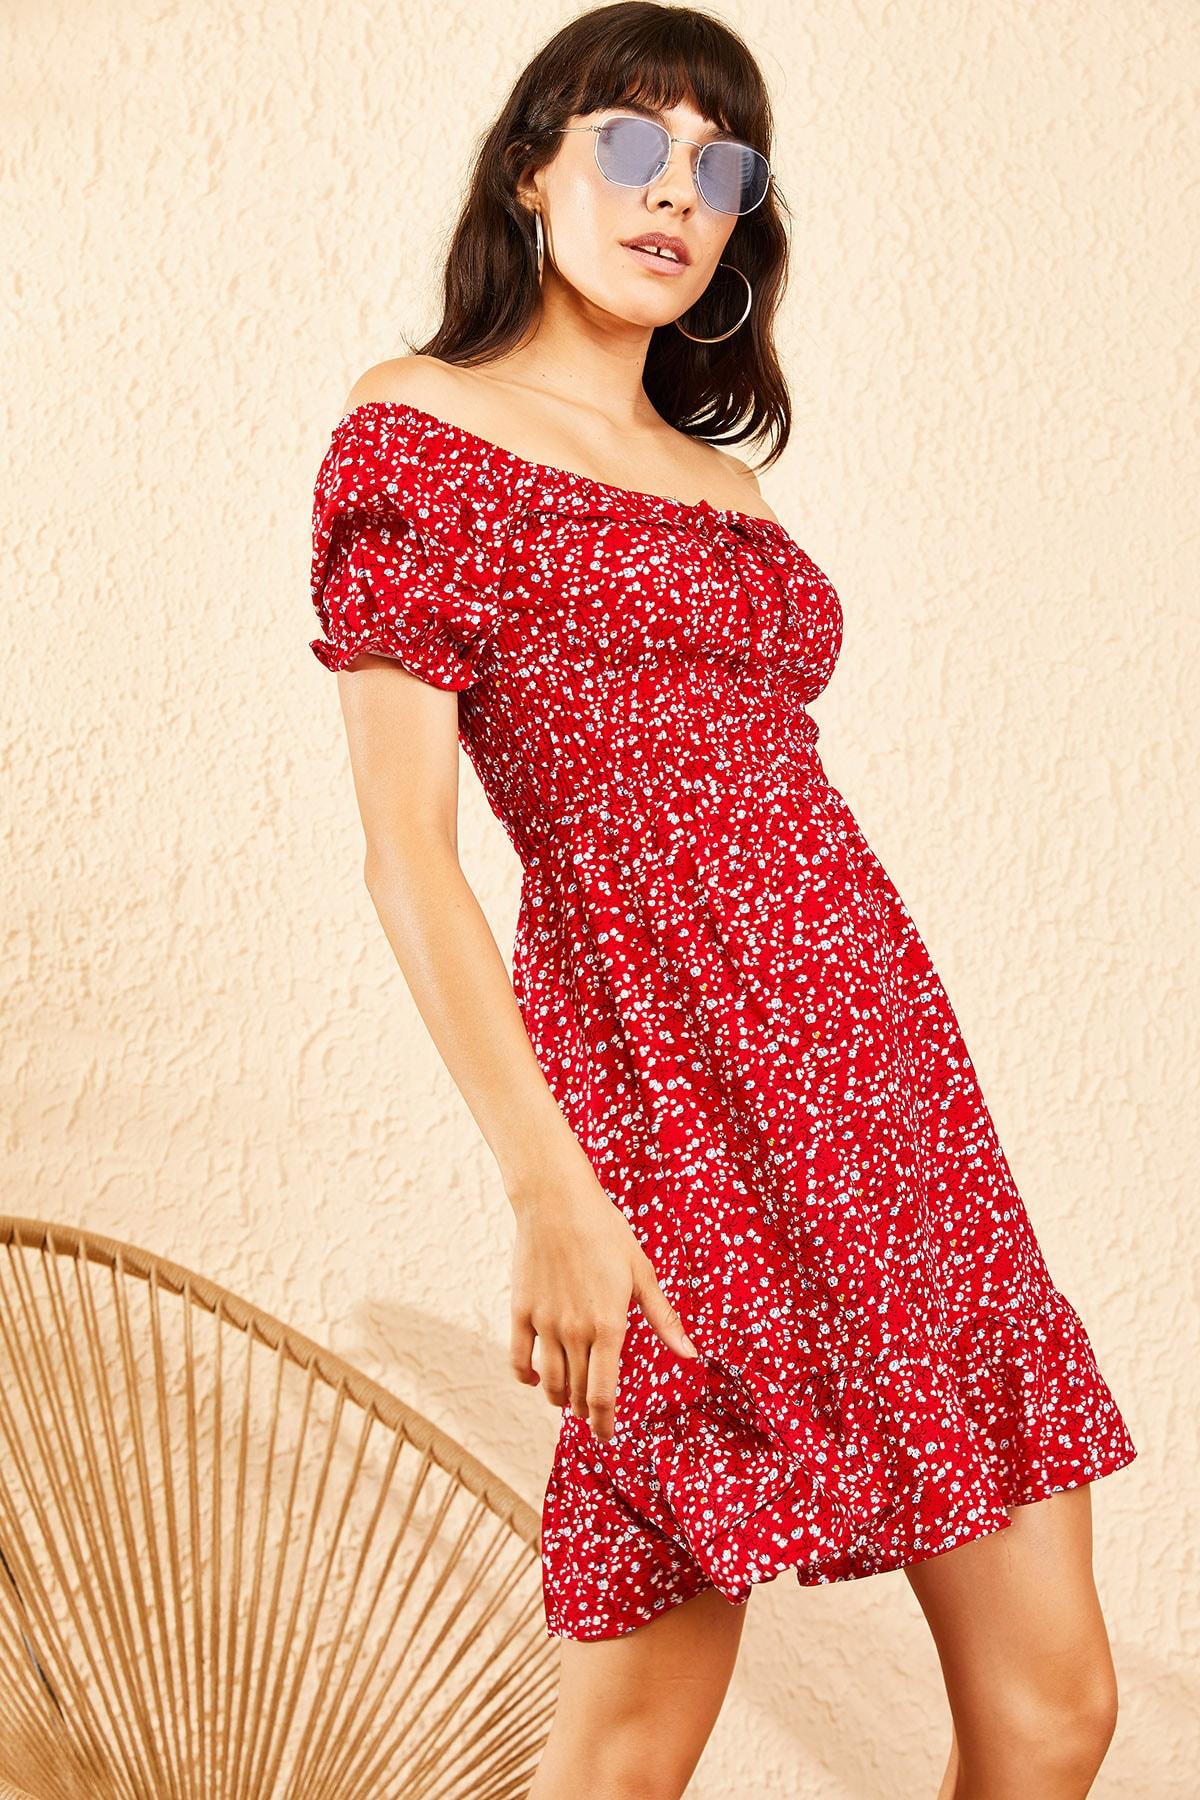 Bianco Lucci Kadın Kırmızı Gipeli İp Askılı Küçük Çiçek Desenli Elbise 10091046 3